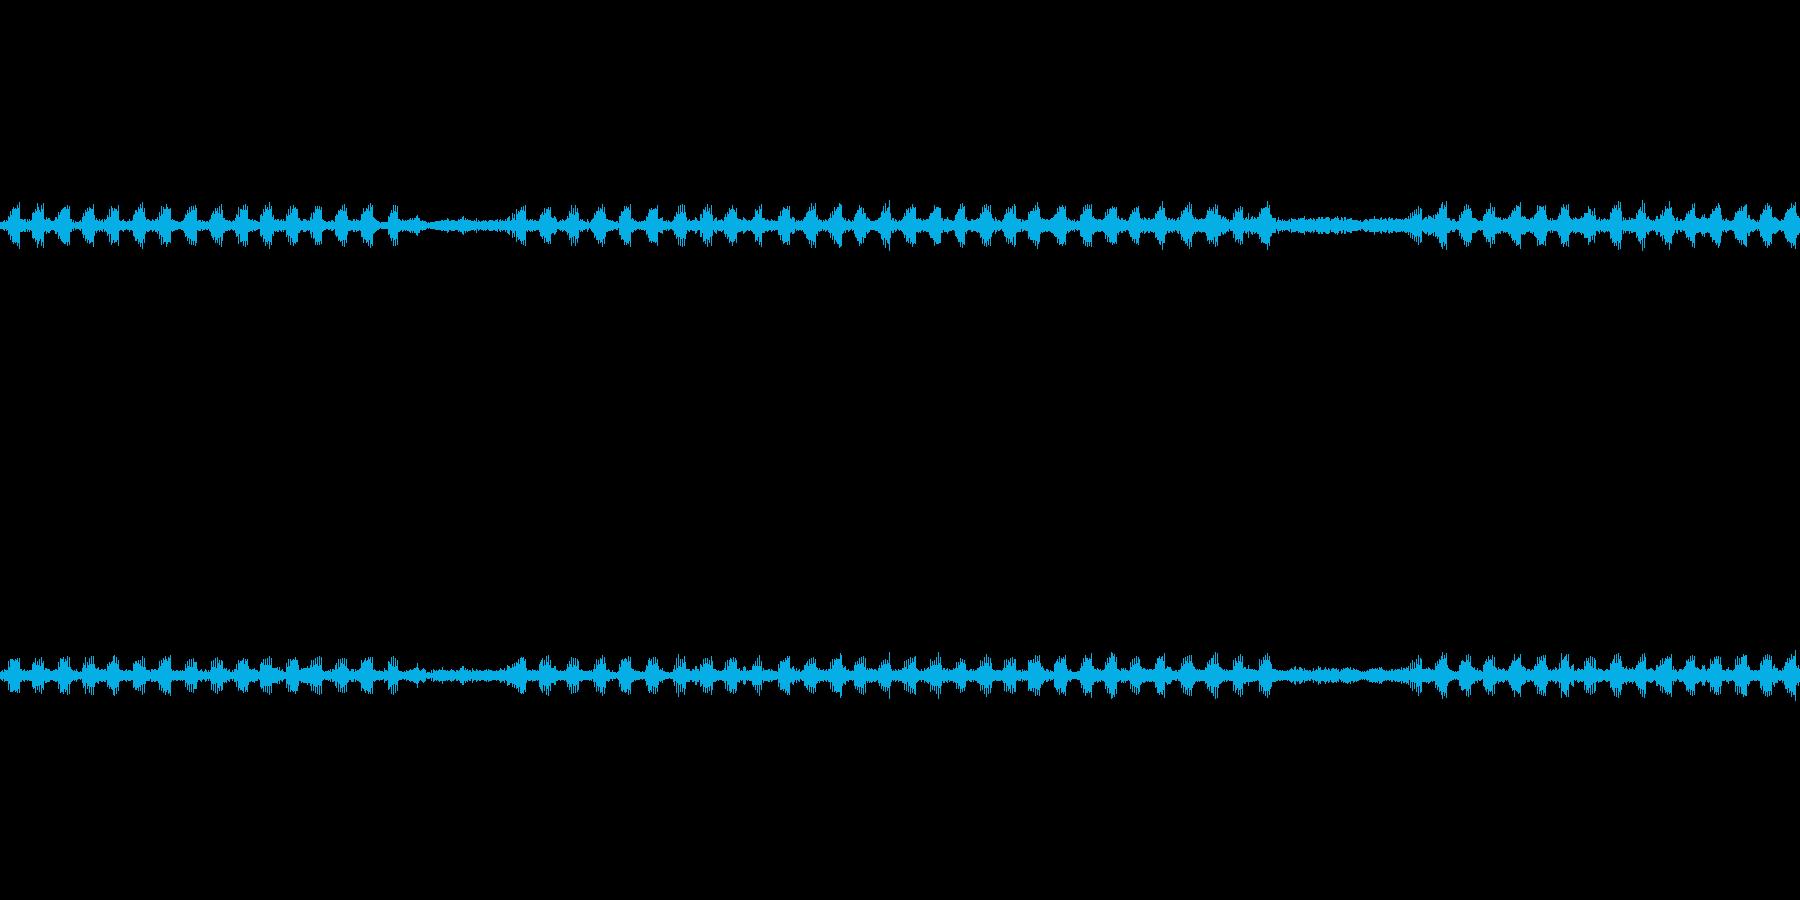 鈴虫の鳴く環境音 ループ仕様の再生済みの波形